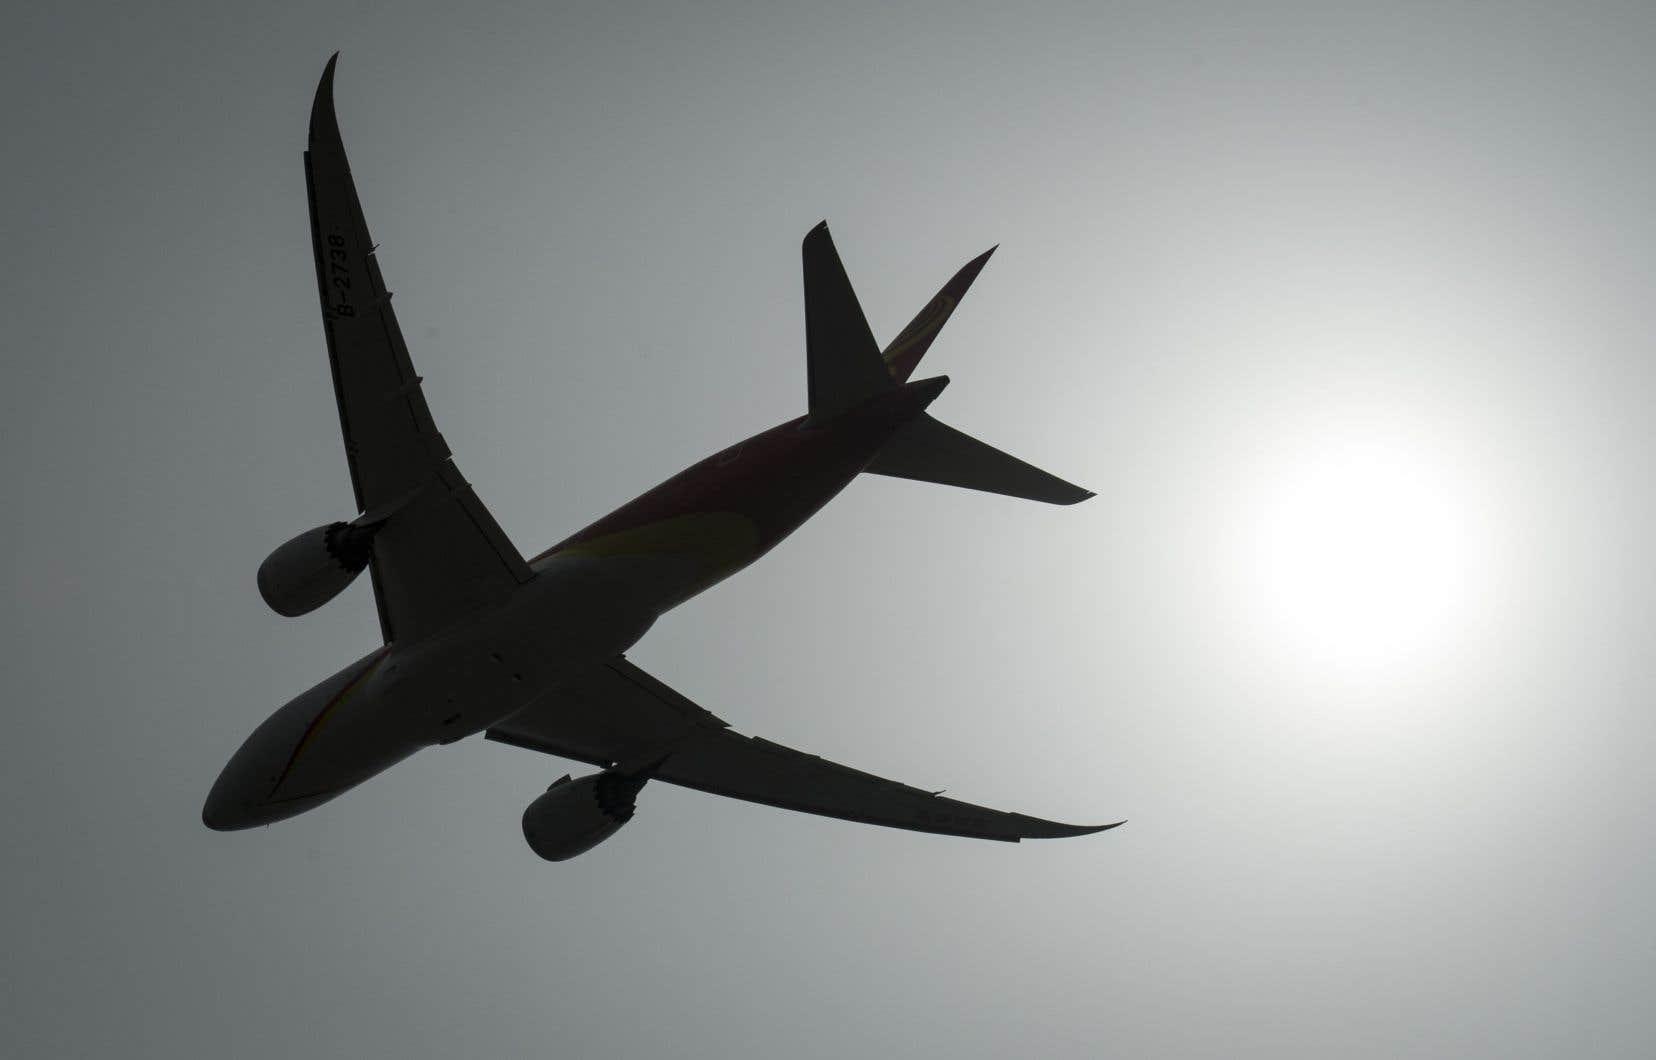 <p>Transports Canada annonce qu'Air Canada a modifié ses itinéraires pour assurer la sécurité de ses vols à destination du Moyen-Orient et de ceux survolant les espaces aériens du Moyen-Orient.</p>